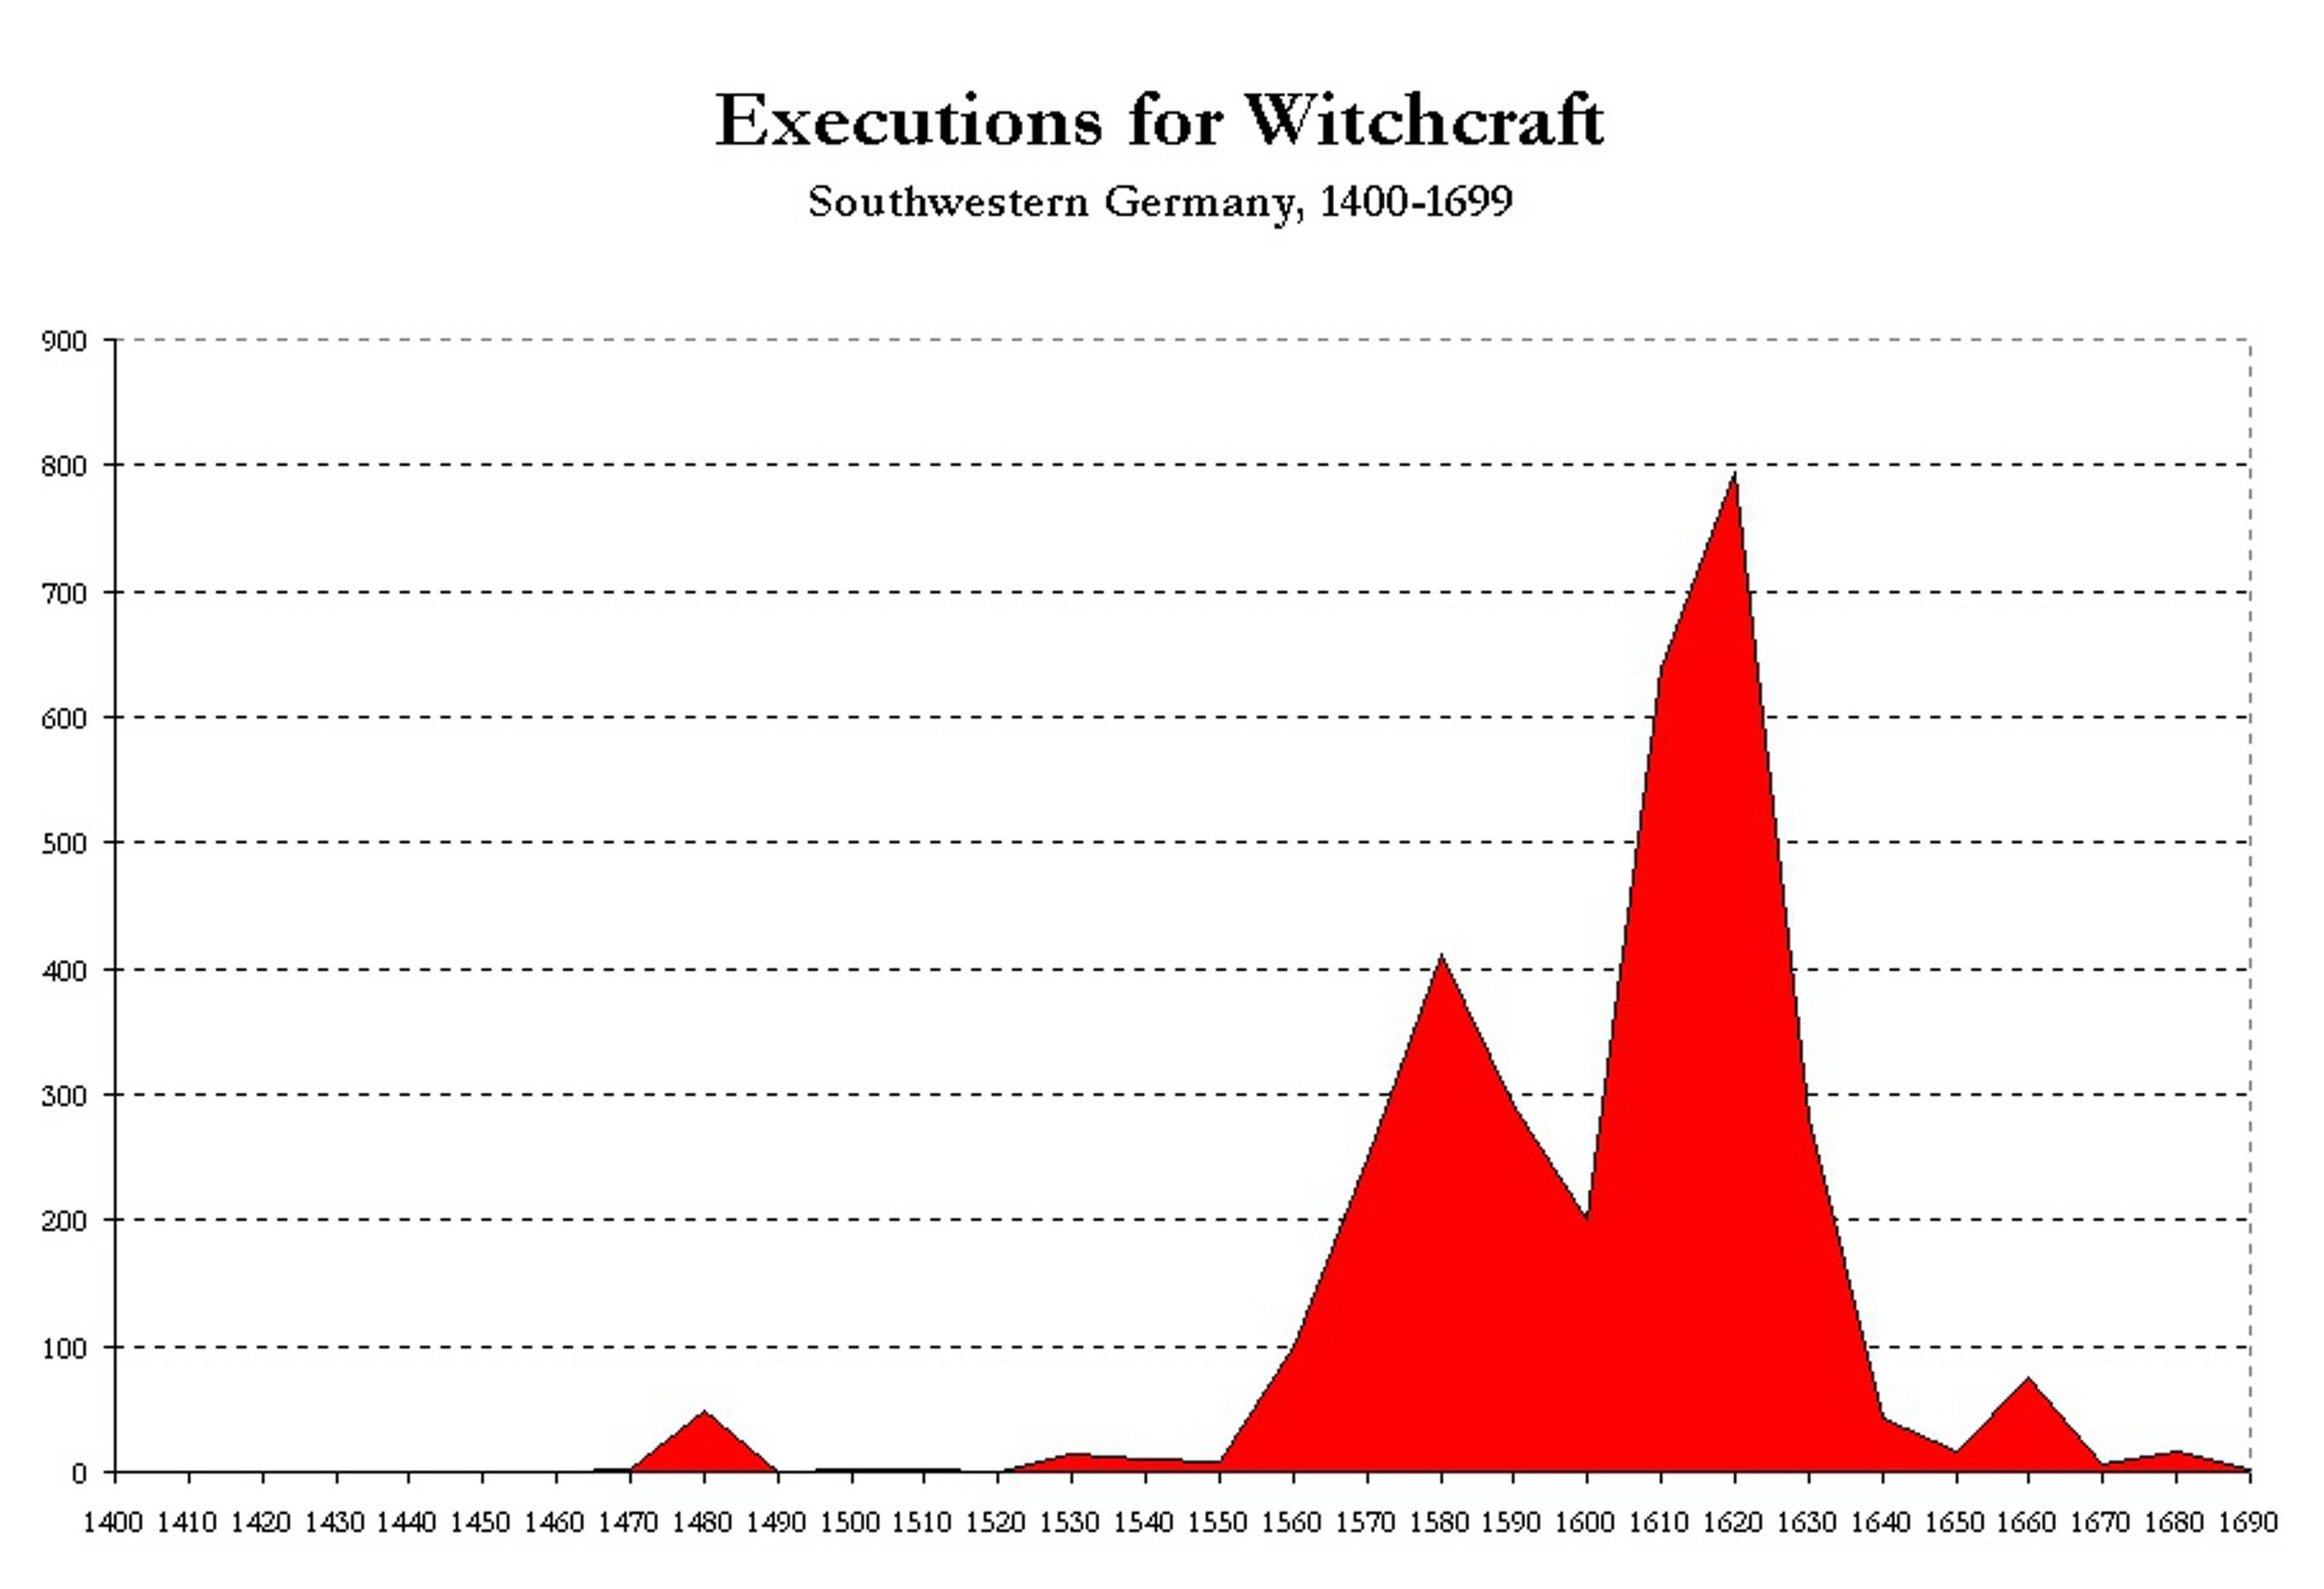 Охота на ведьм: экономисты нашли новое объяснение